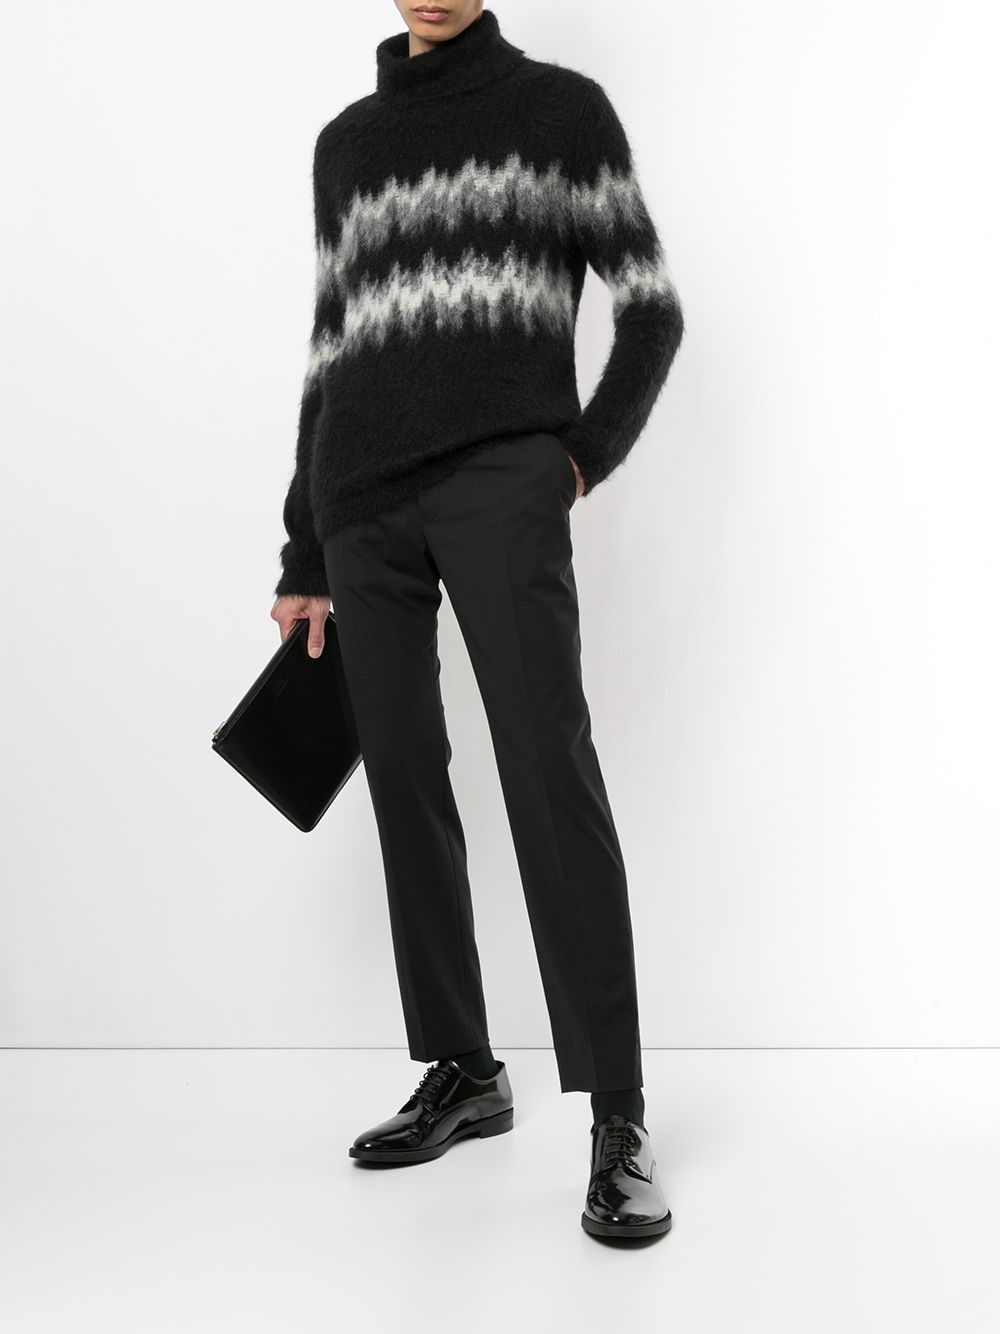 Pantaloni neri in lana vergine con design tono su tono DOLCE & GABBANA | Pantaloni | GY6IET-FUBECN0000